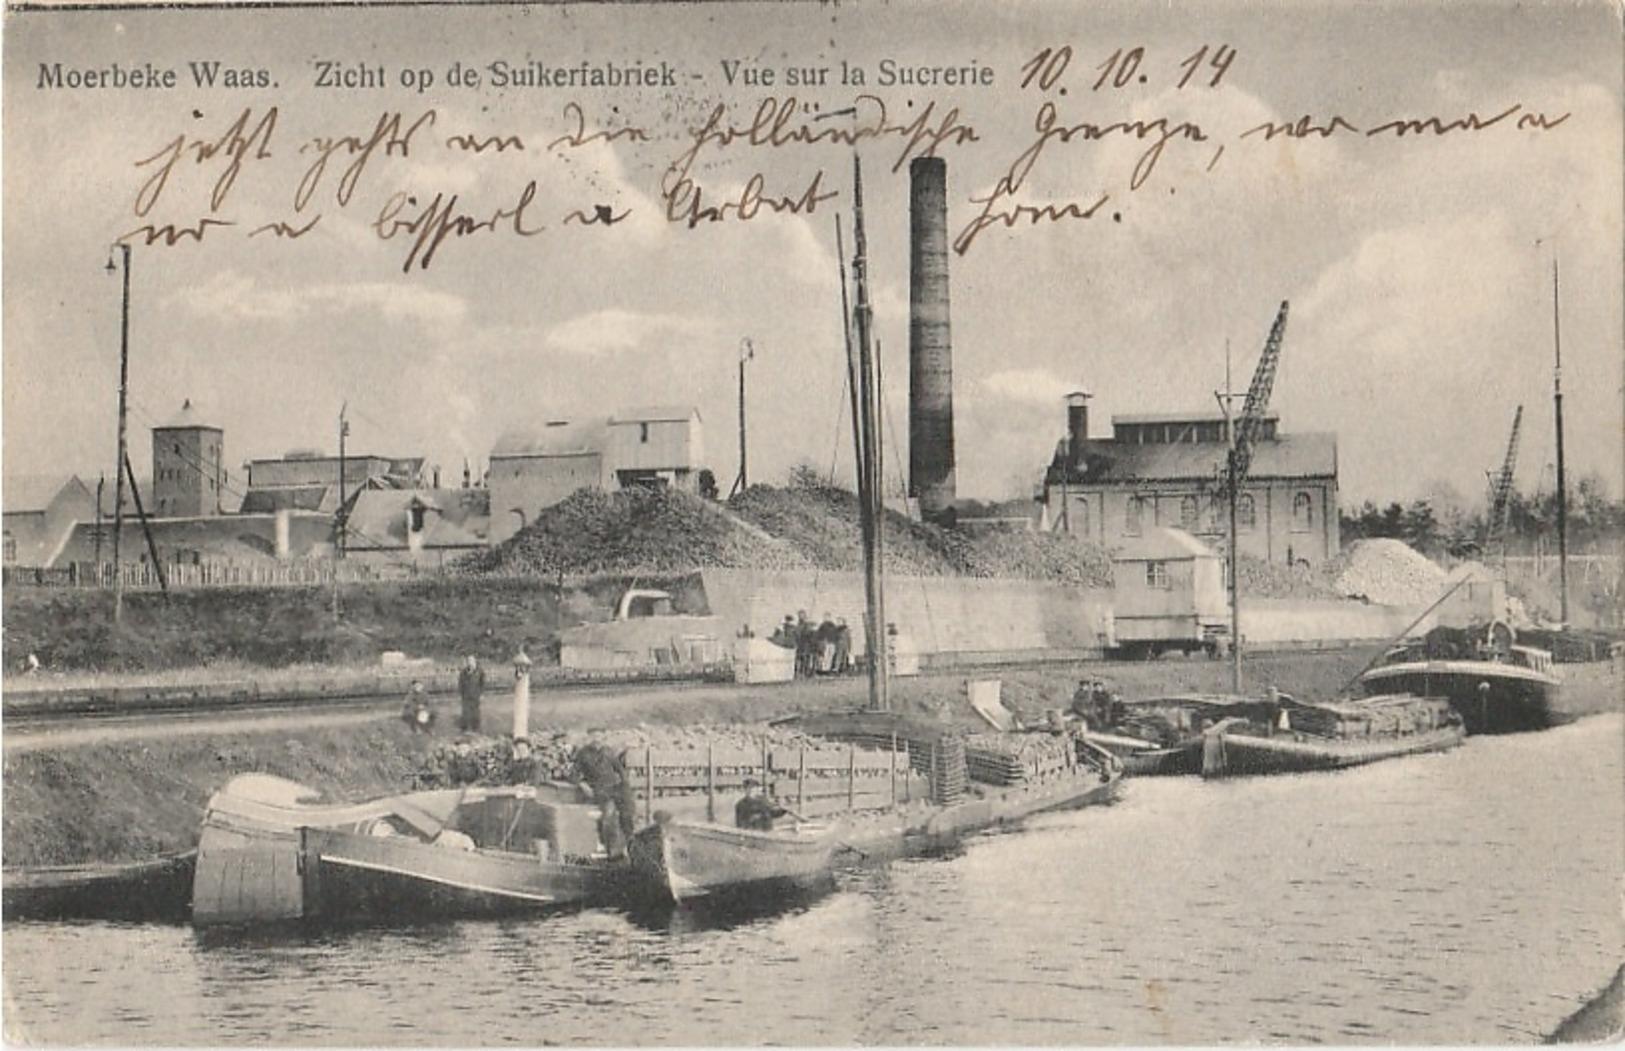 MOERBEKE WAAS Suikerfabriek - Moerbeke-Waas